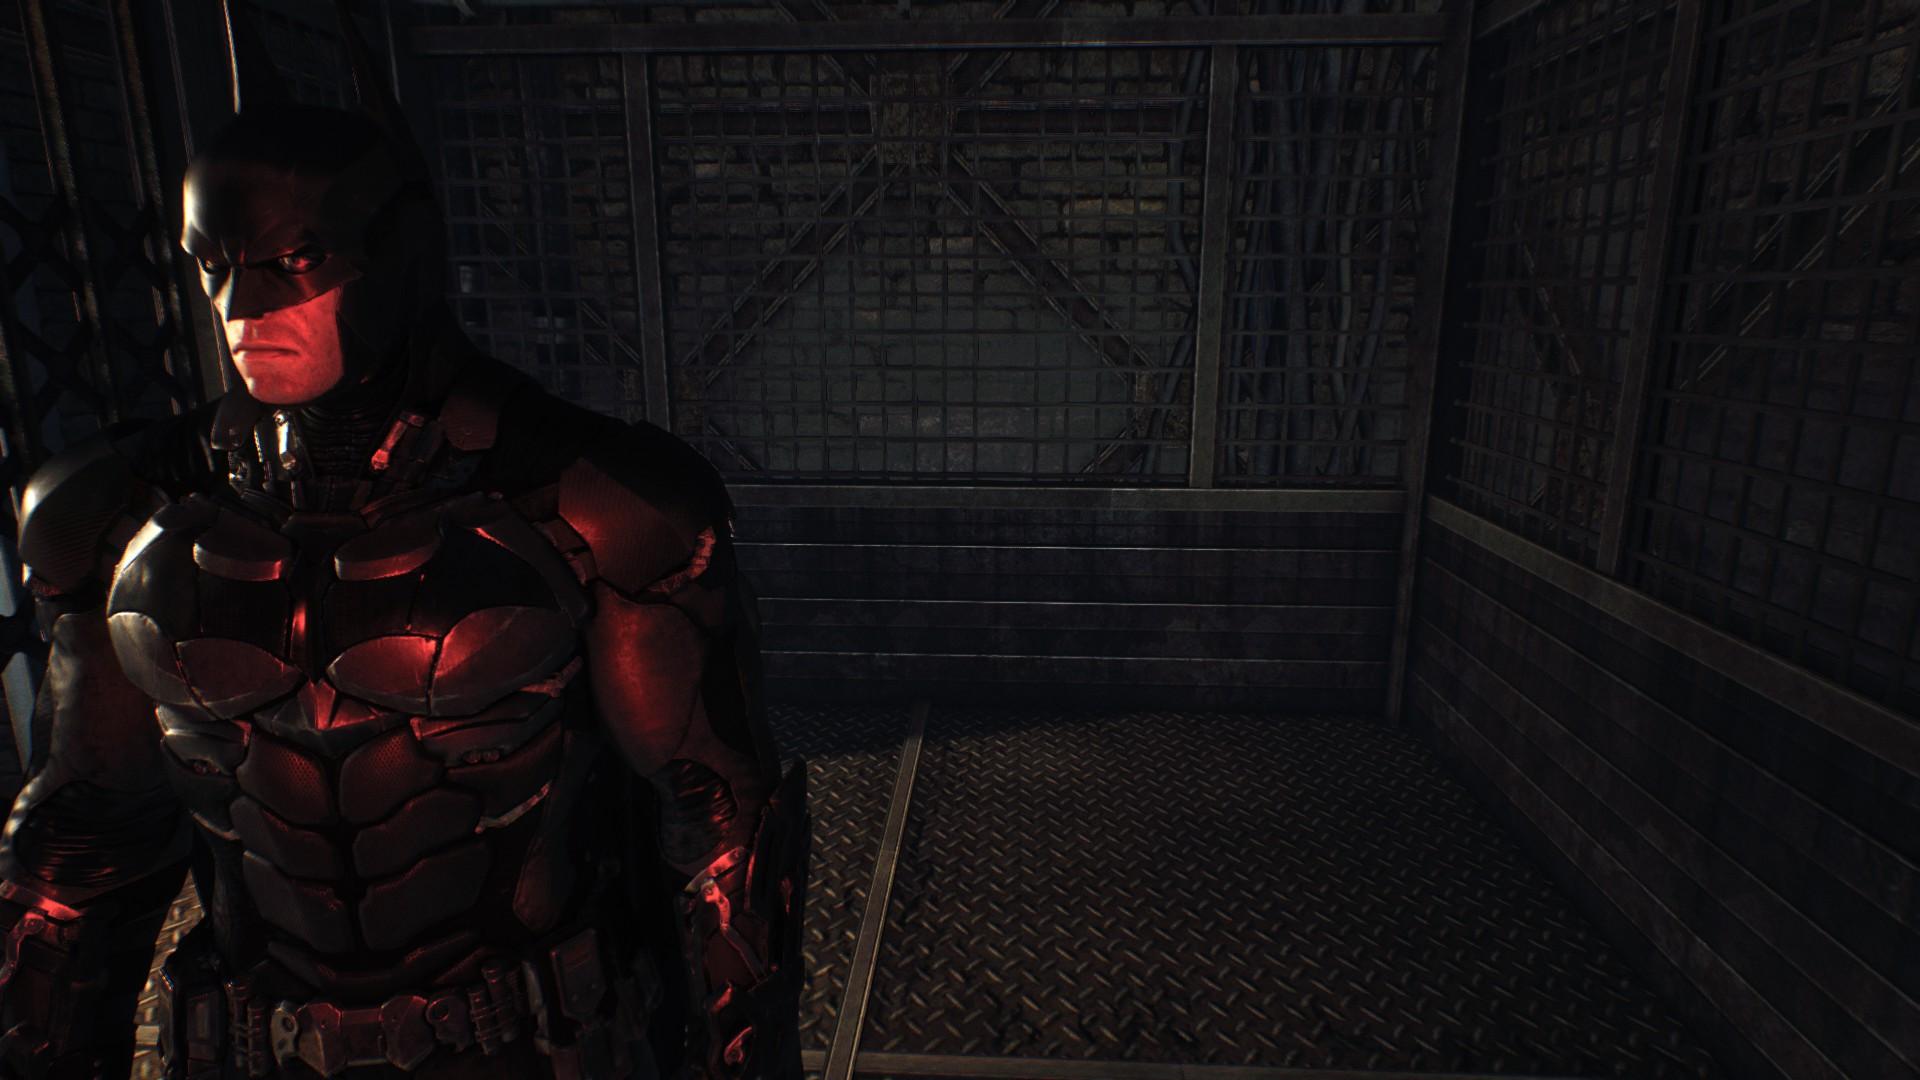 Batman Arkham Knight 1920x1080